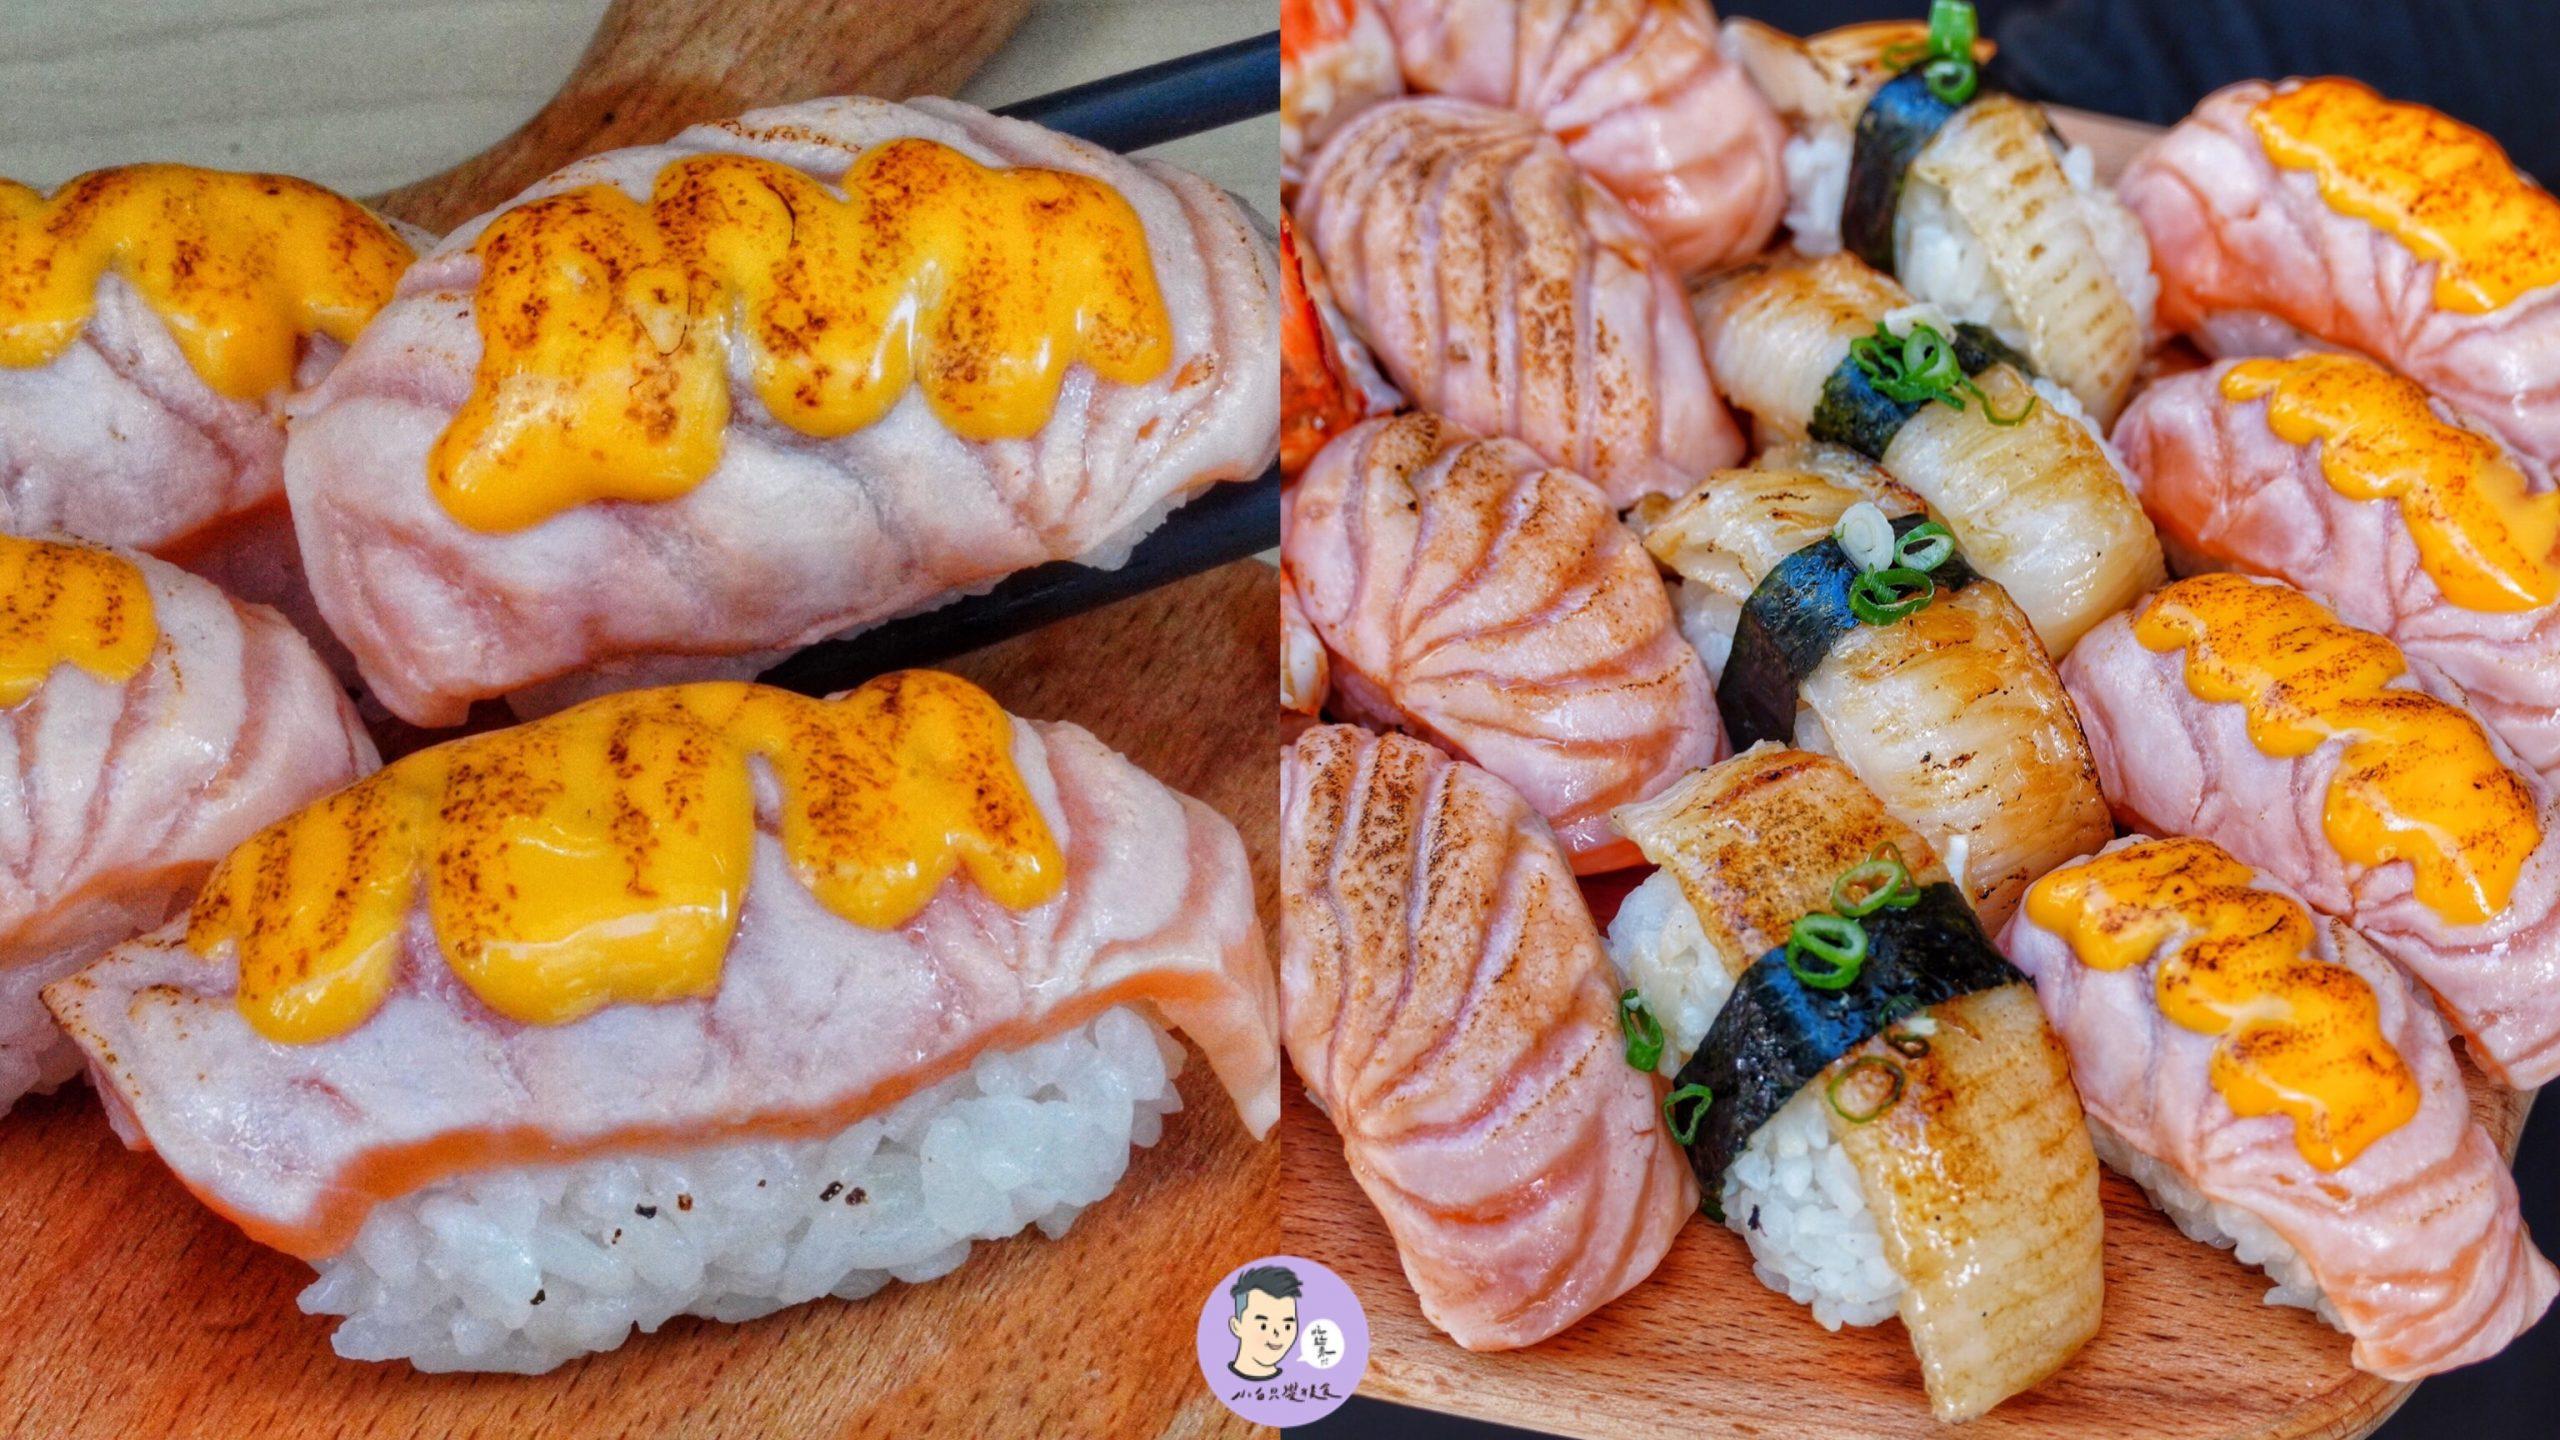 【台南美食】正興x吃吧 鮭魚控快吃爆!炙燒鮭魚只要20元!! 剛開店就排隊/晚來就吃不到 – 國華街美食|中西區美食